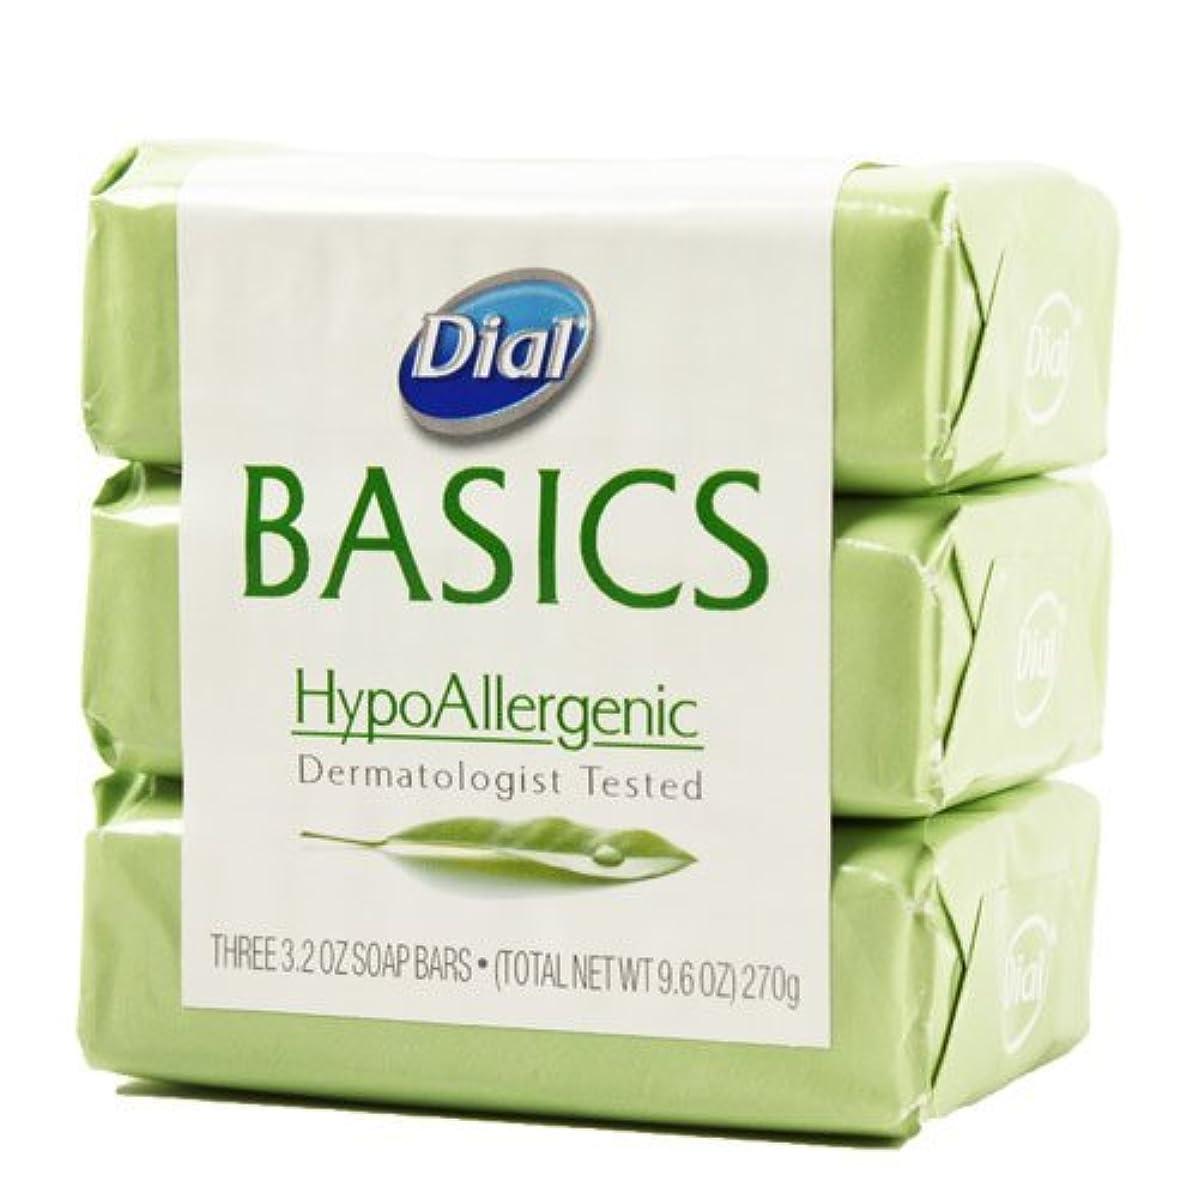 一貫した苦い乱暴なDial Basics HypoAllergenic Dermatologist Tested Bar Soap, 3.2 oz (18 Bars) by Basics